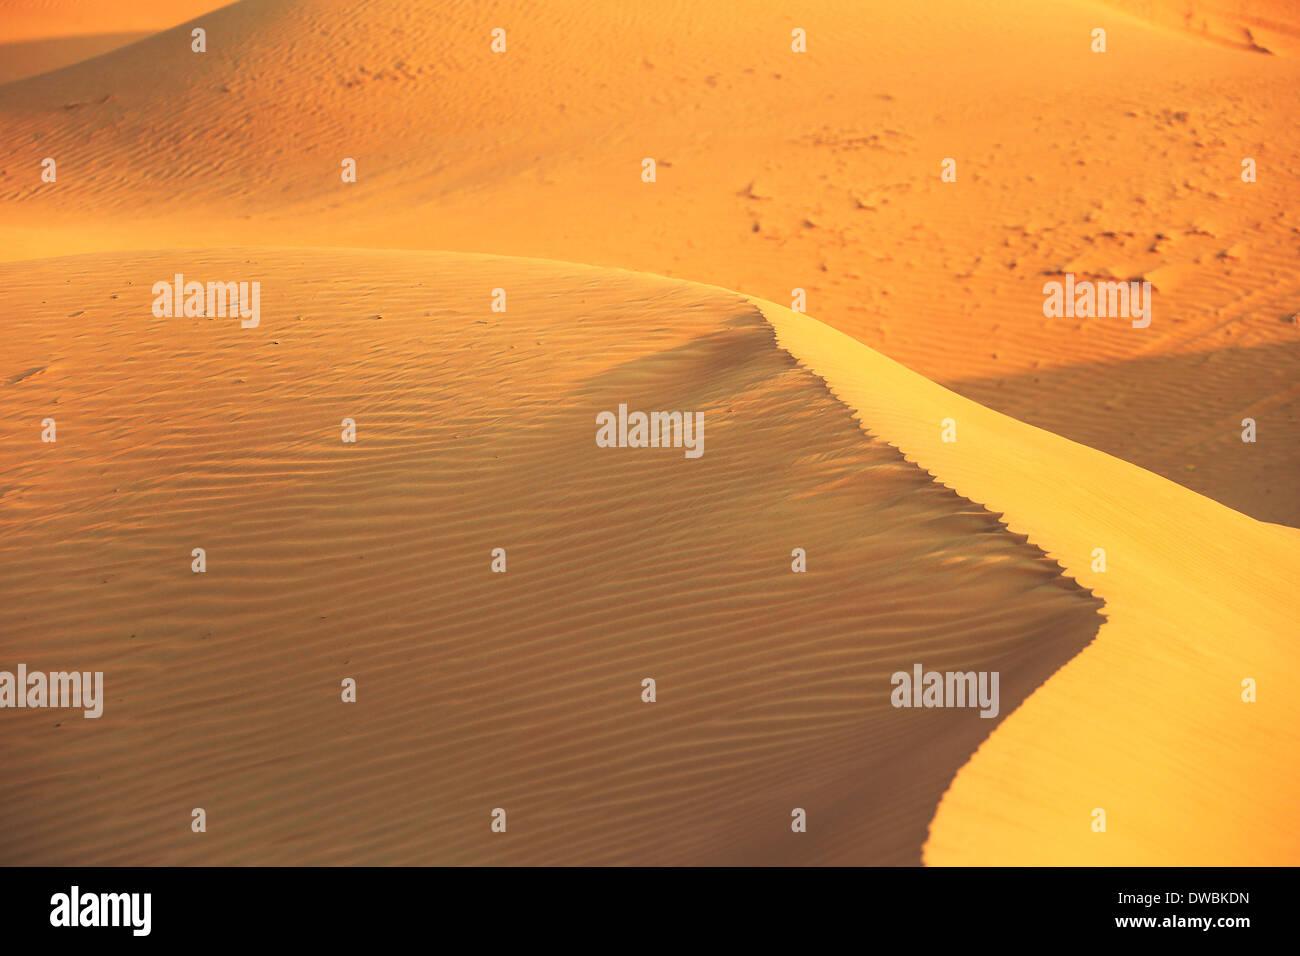 Wüste Rub al Khali - Ras al Khaima Stock Photo